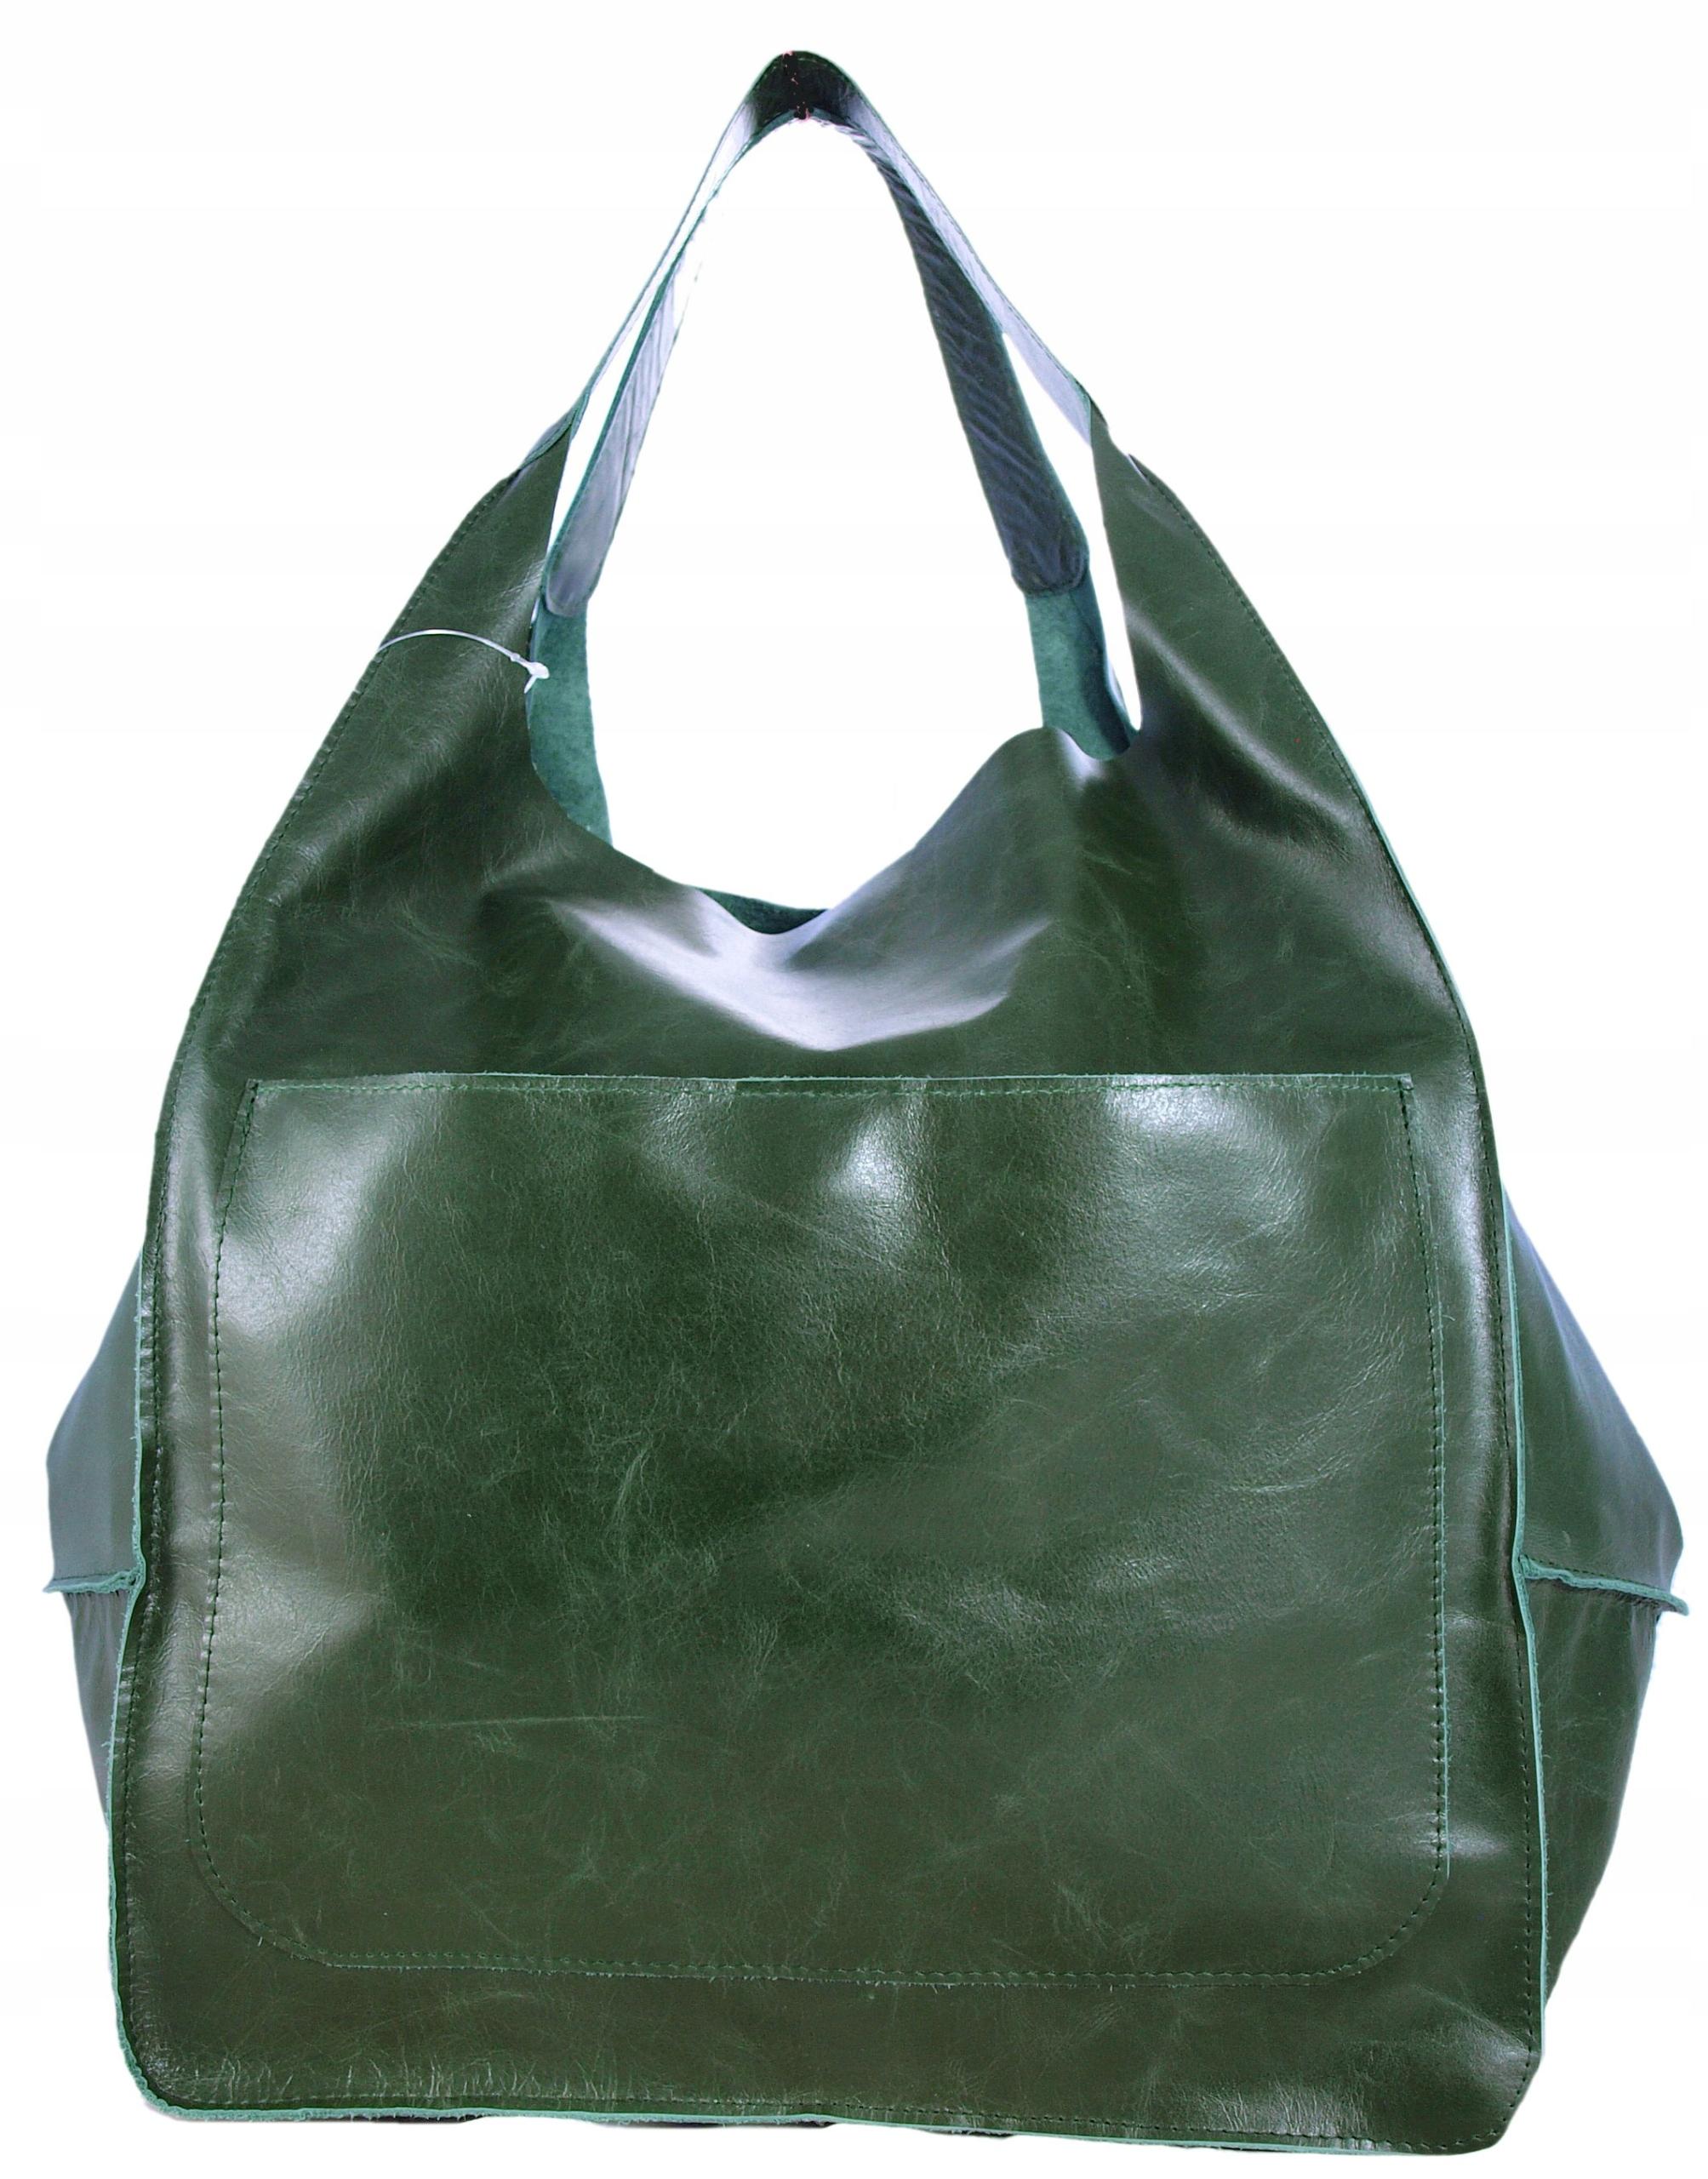 Skórzana zielona Torebka worek model 2W1 Saszetka